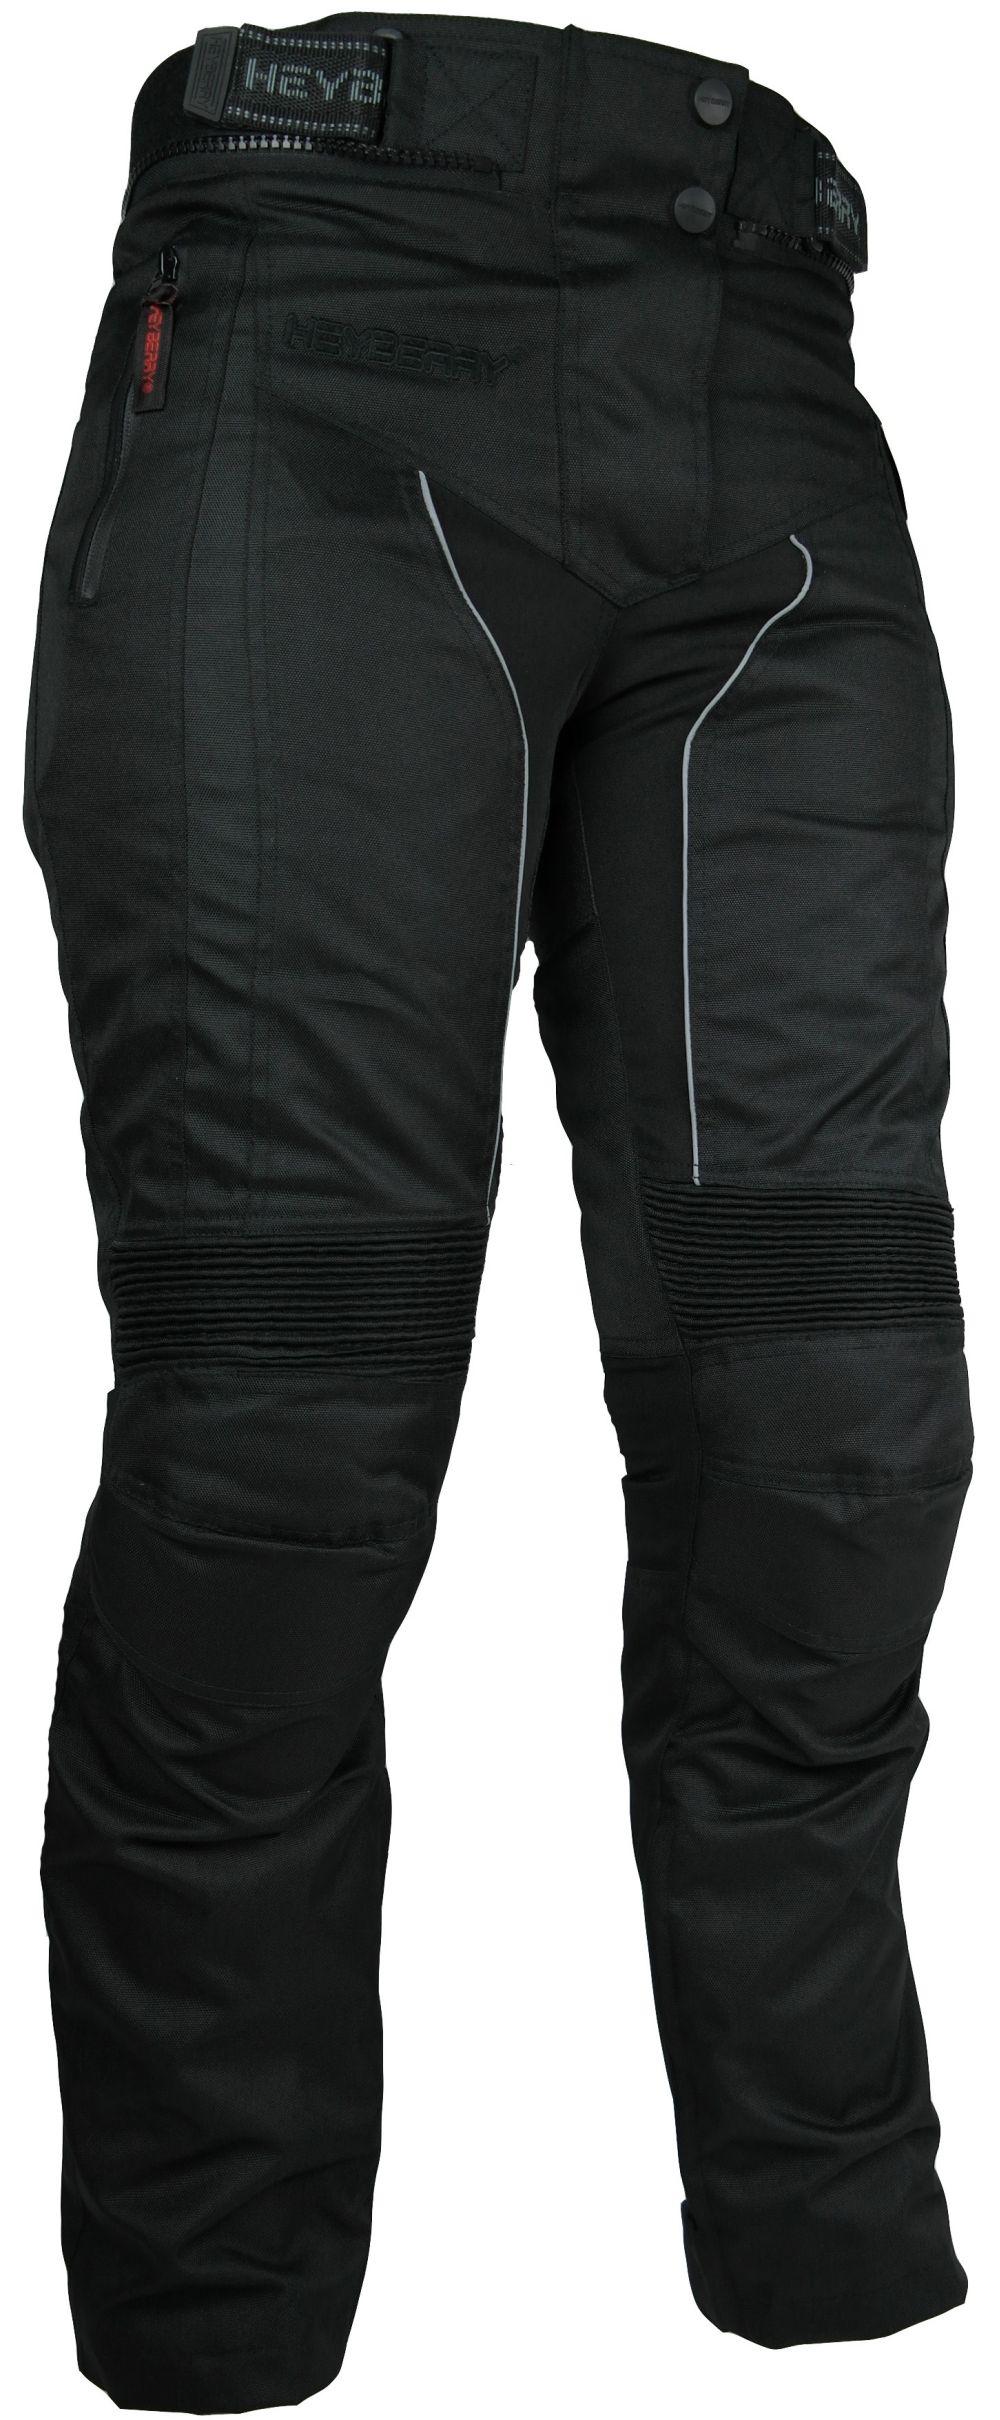 Heyberry Damen Motorrad Hose Motorradhose Textil Schwarz Gr. S - XXL